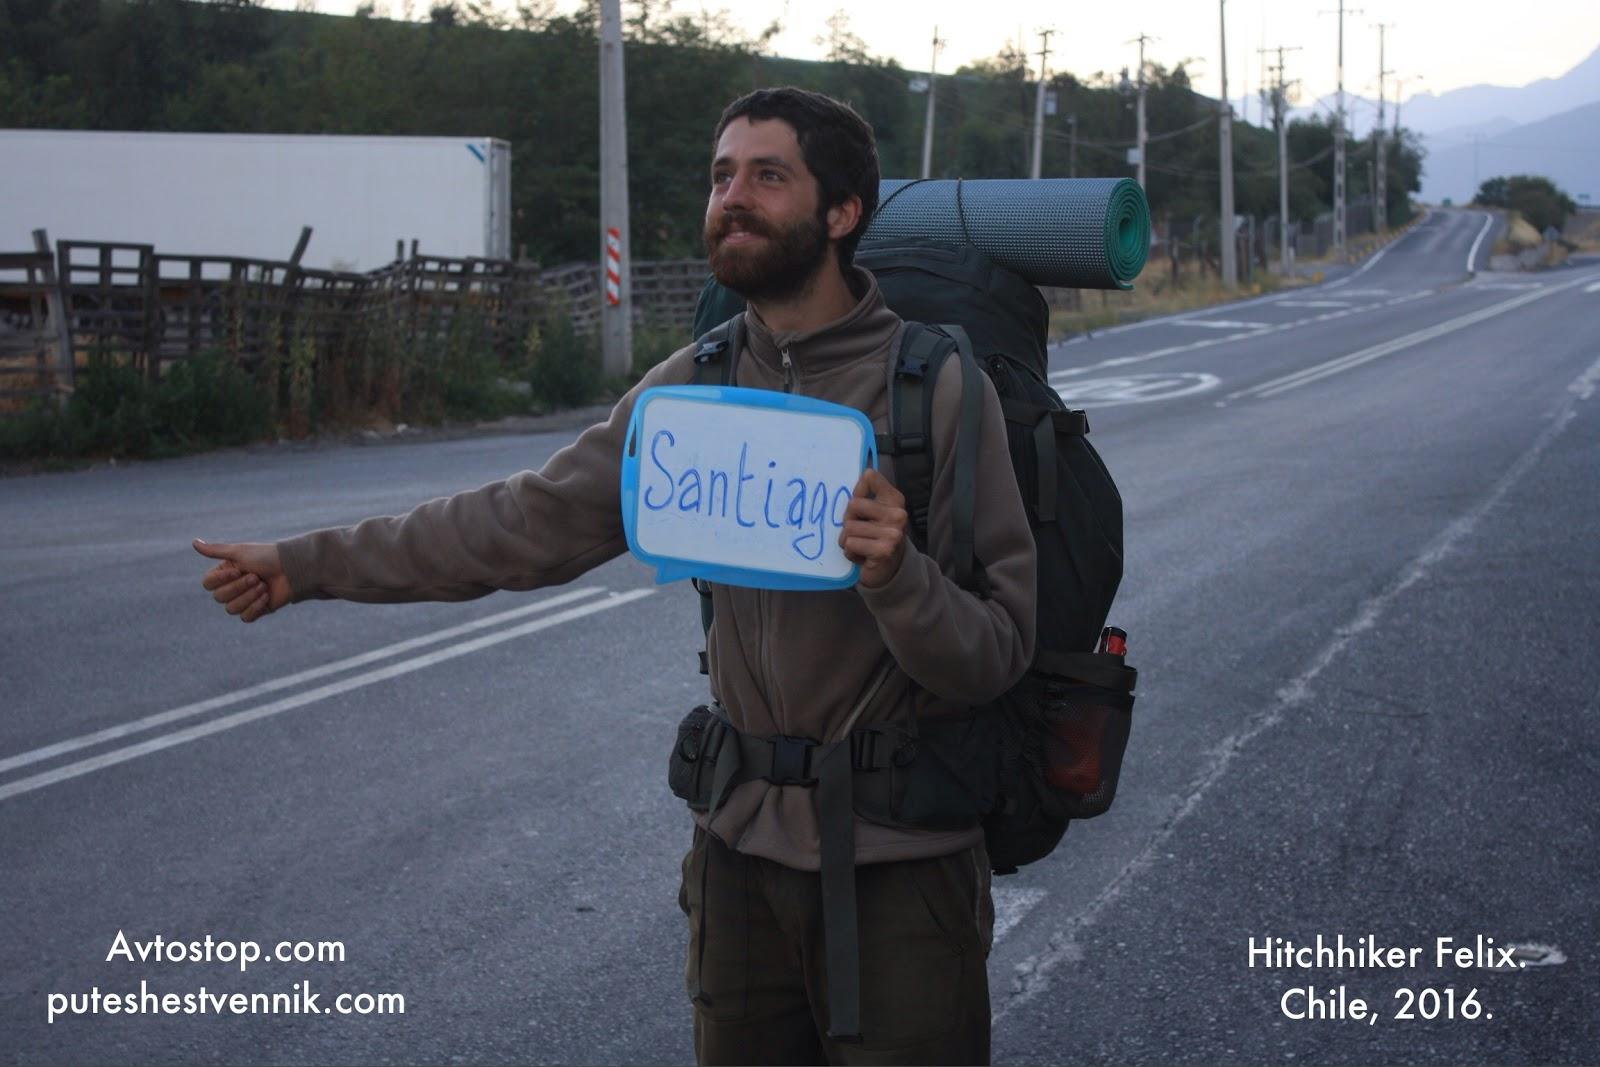 Путешественник едет в Сантьяго